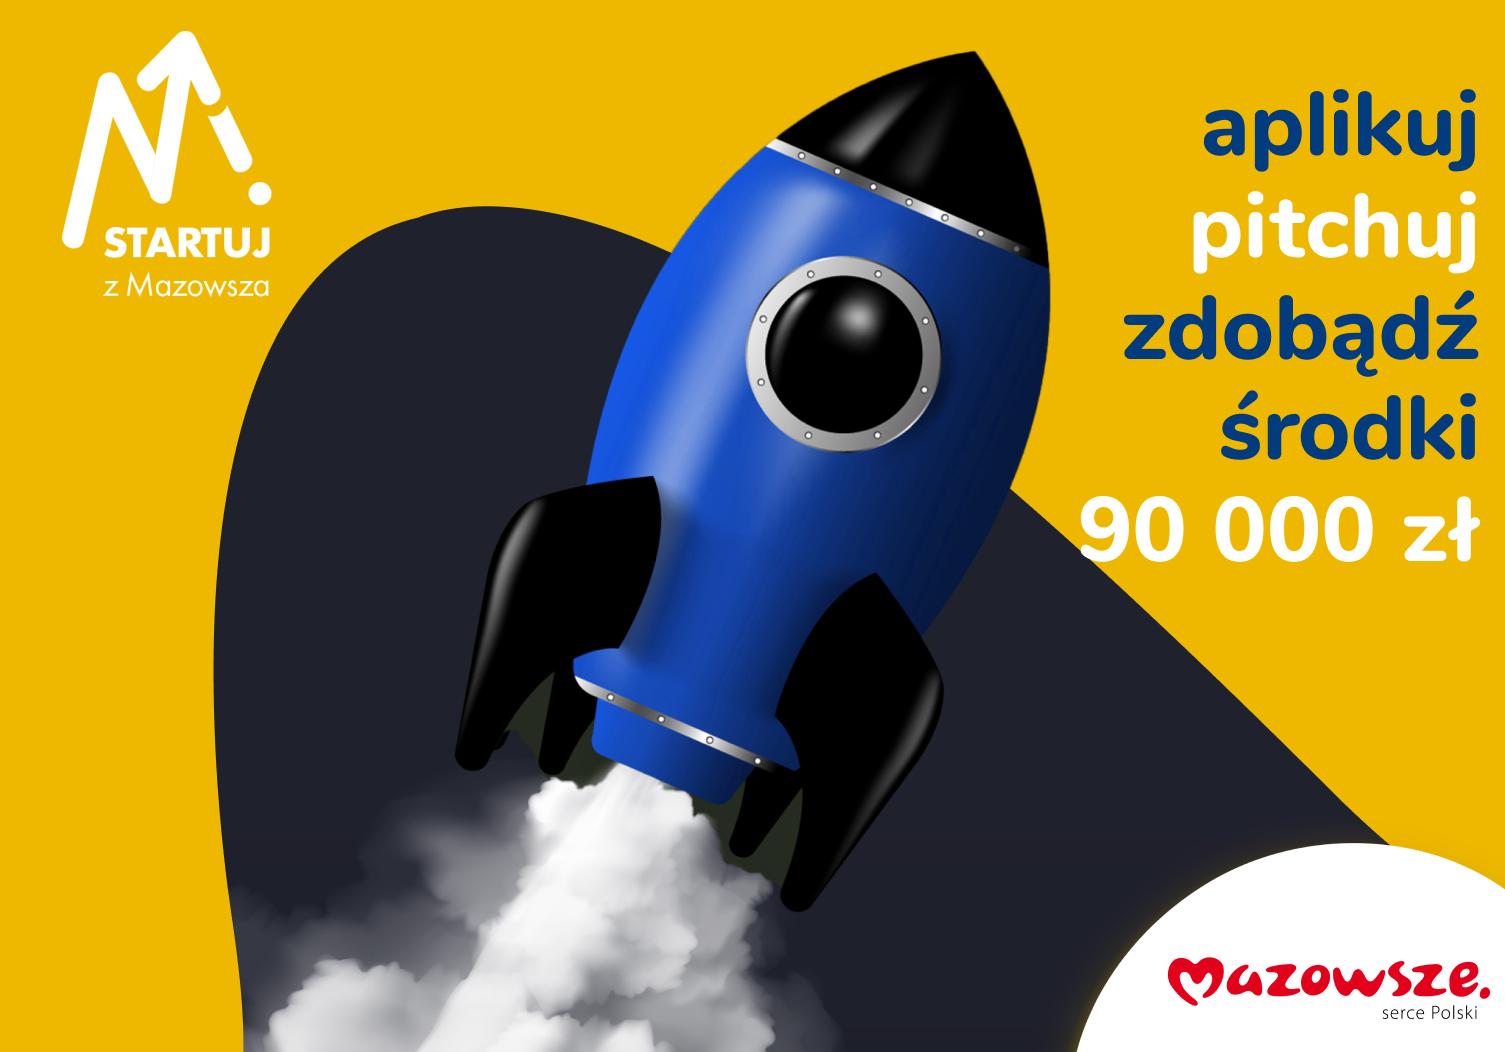 wySTARTUJ Z MAZOWSZA i zdobądź 30 000 zł na rozwój startupu!